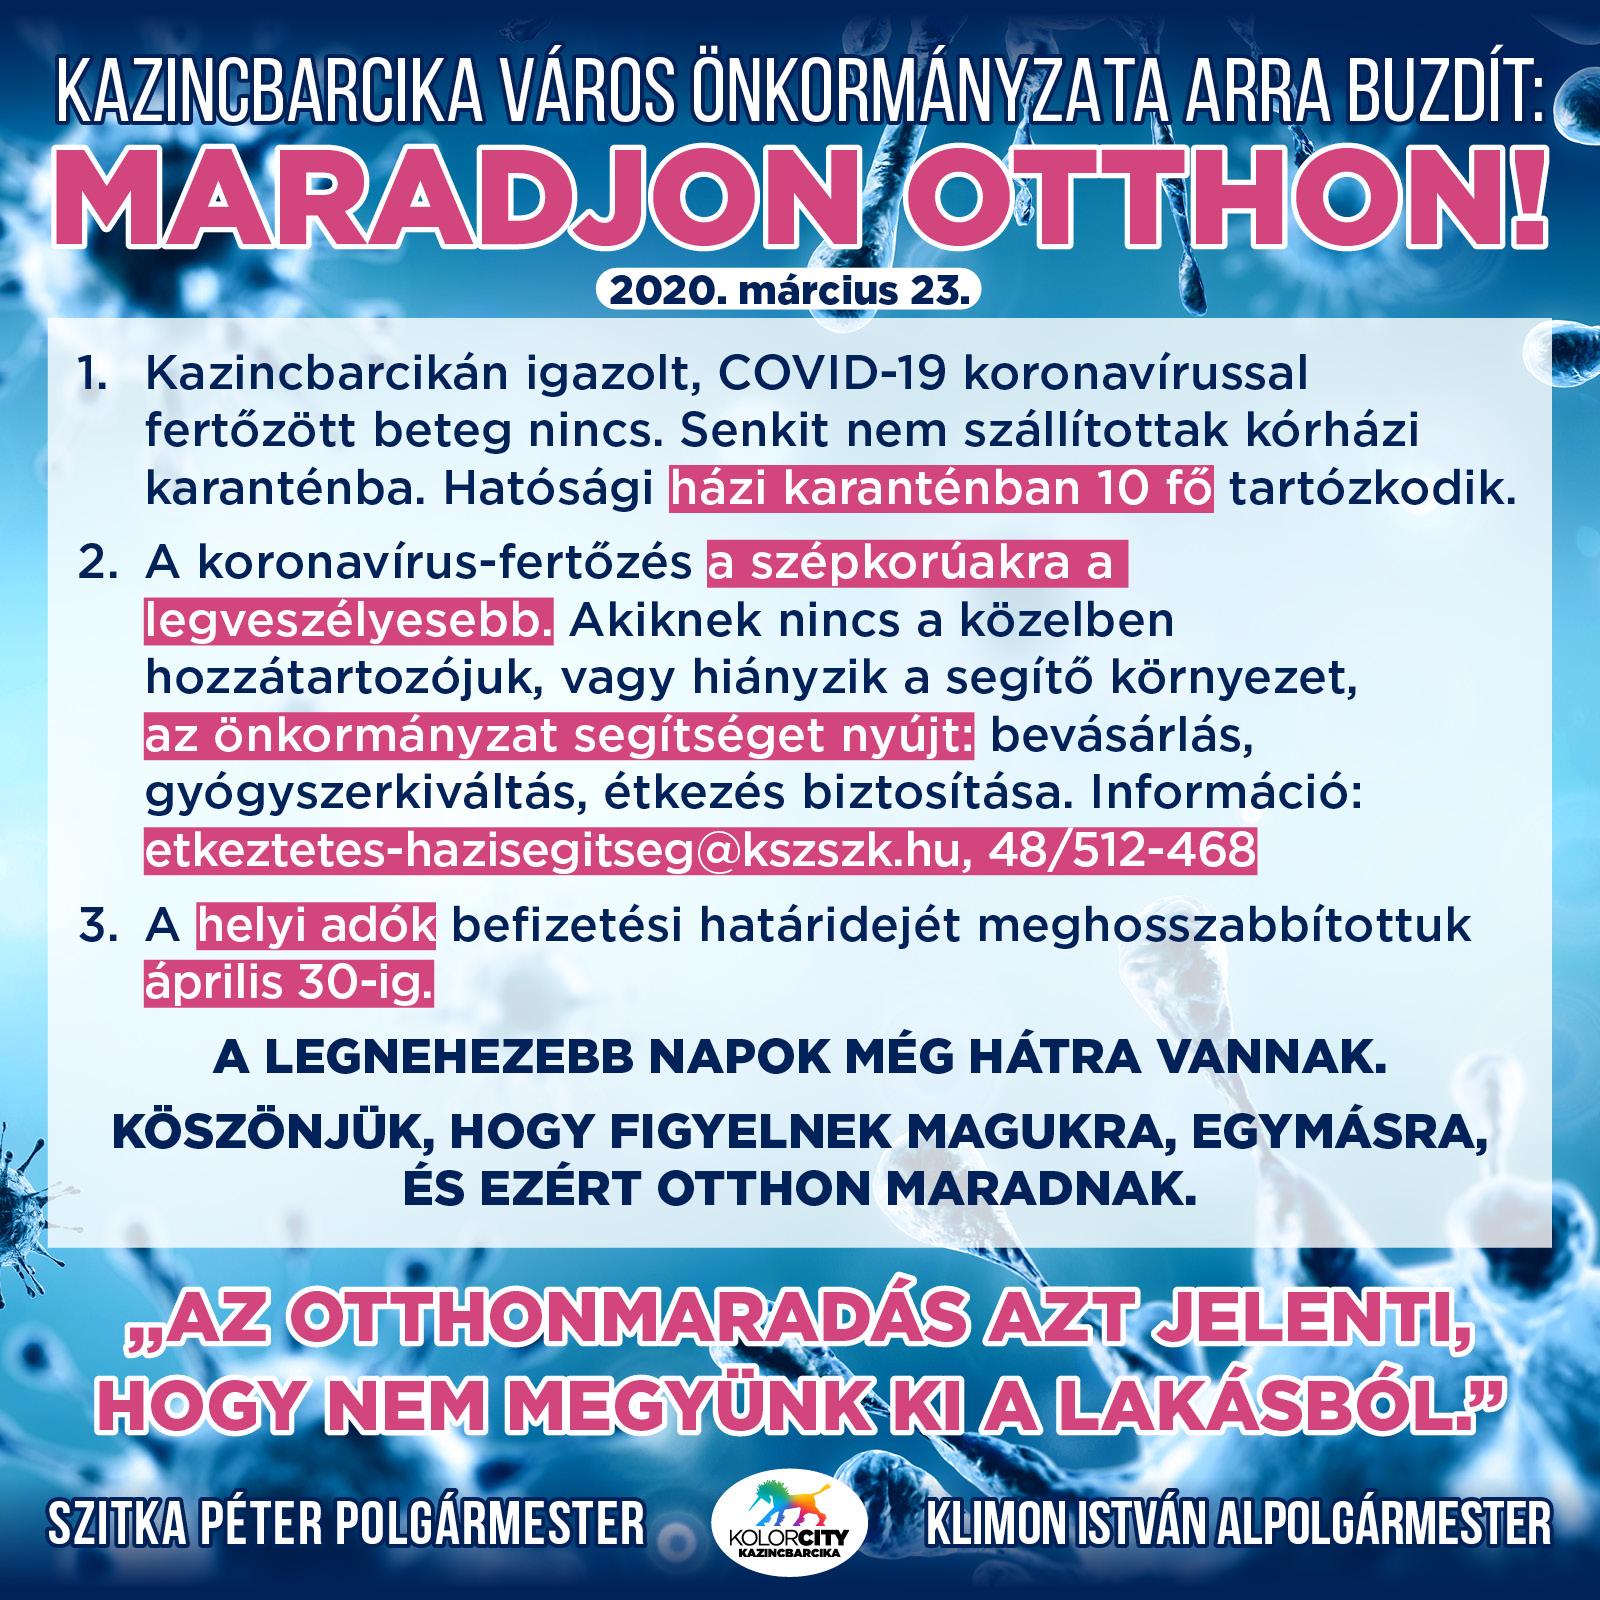 https://kolorline.hu/Kazincbarcika Város Önkormányzata arra buzdít: MARADJON OTTHON! 2020. március 23.